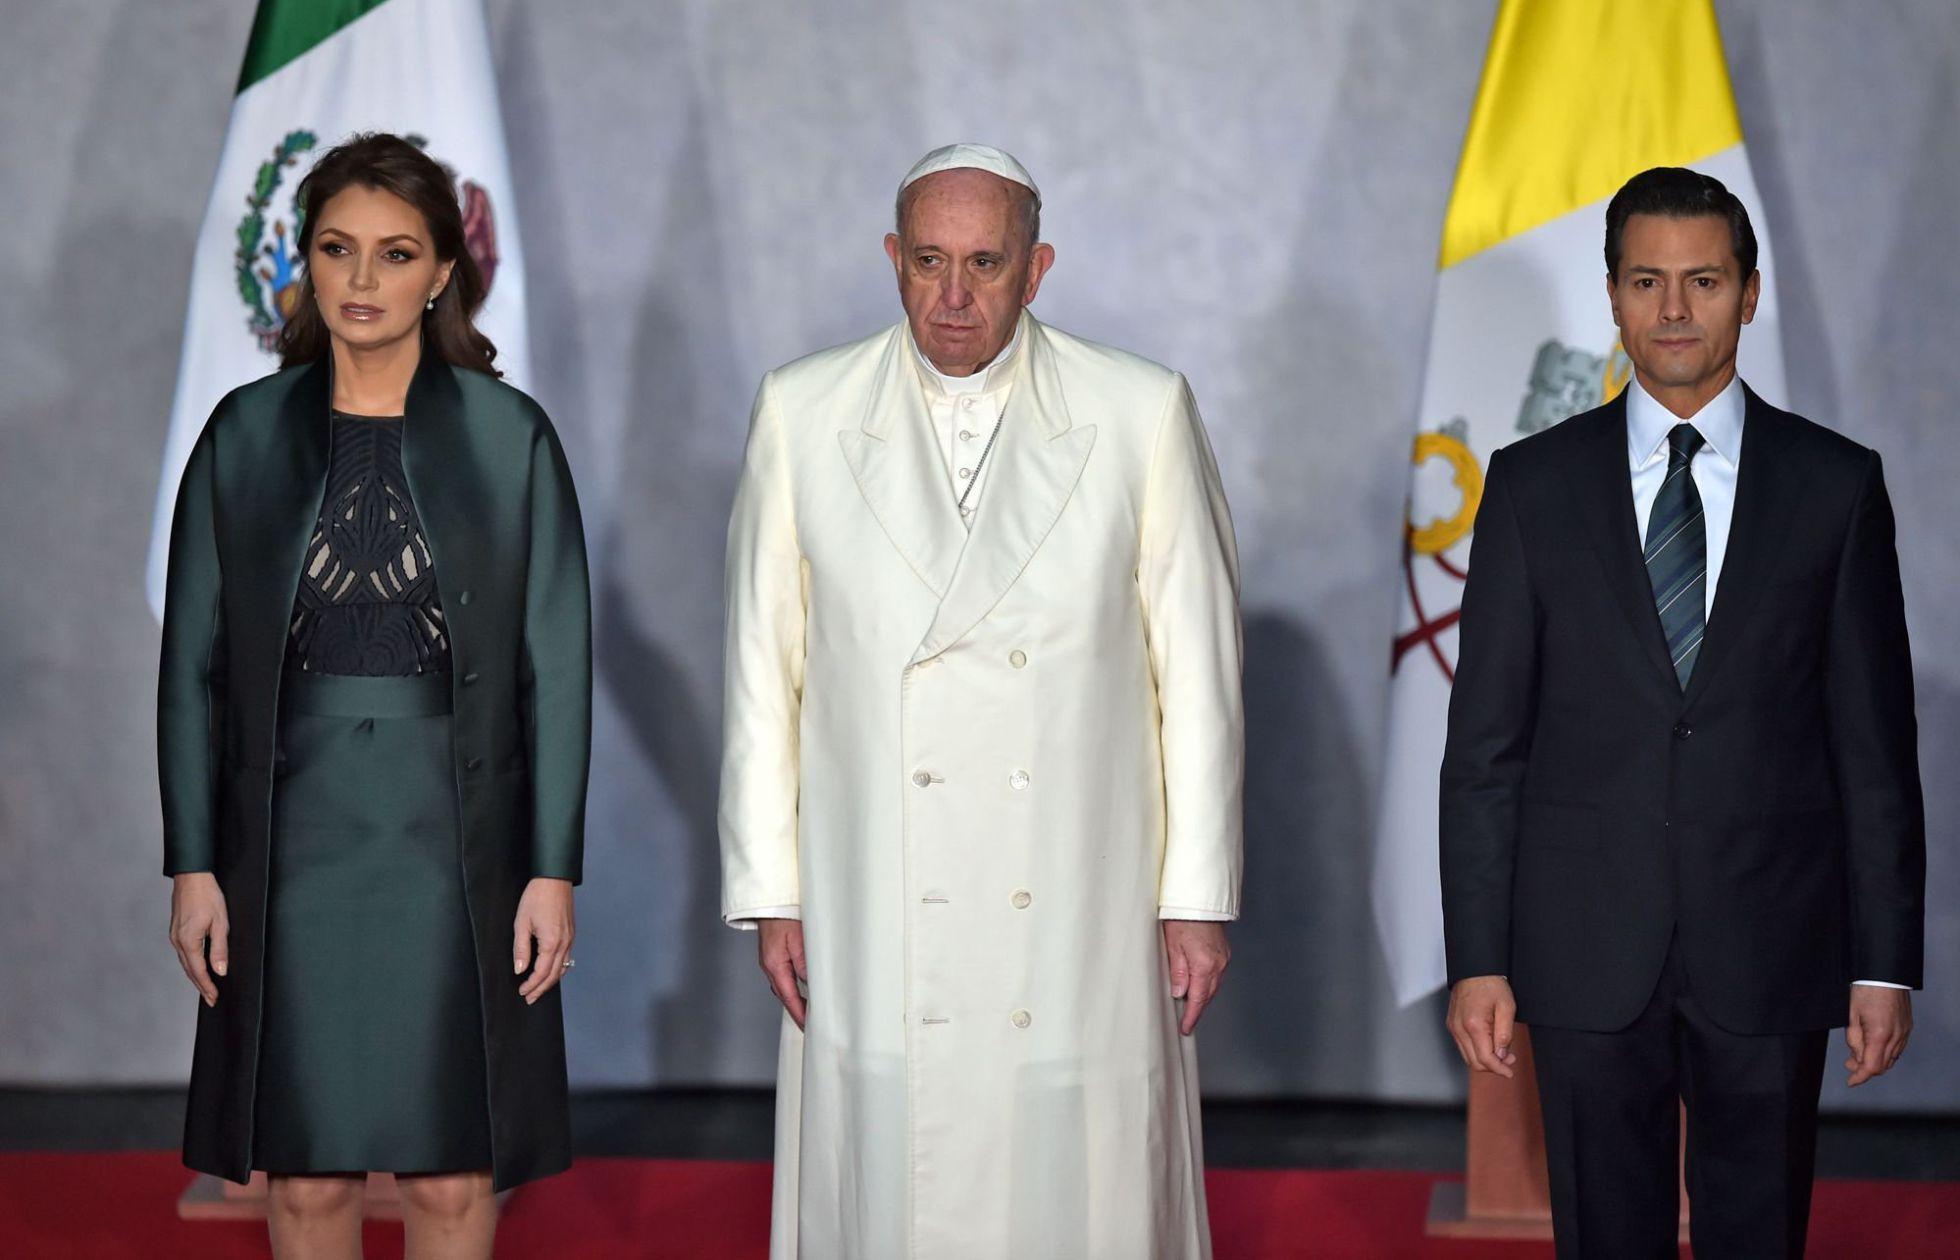 El Papa en México: El camino del privilegio fomenta la corrupción y el narcotráfico